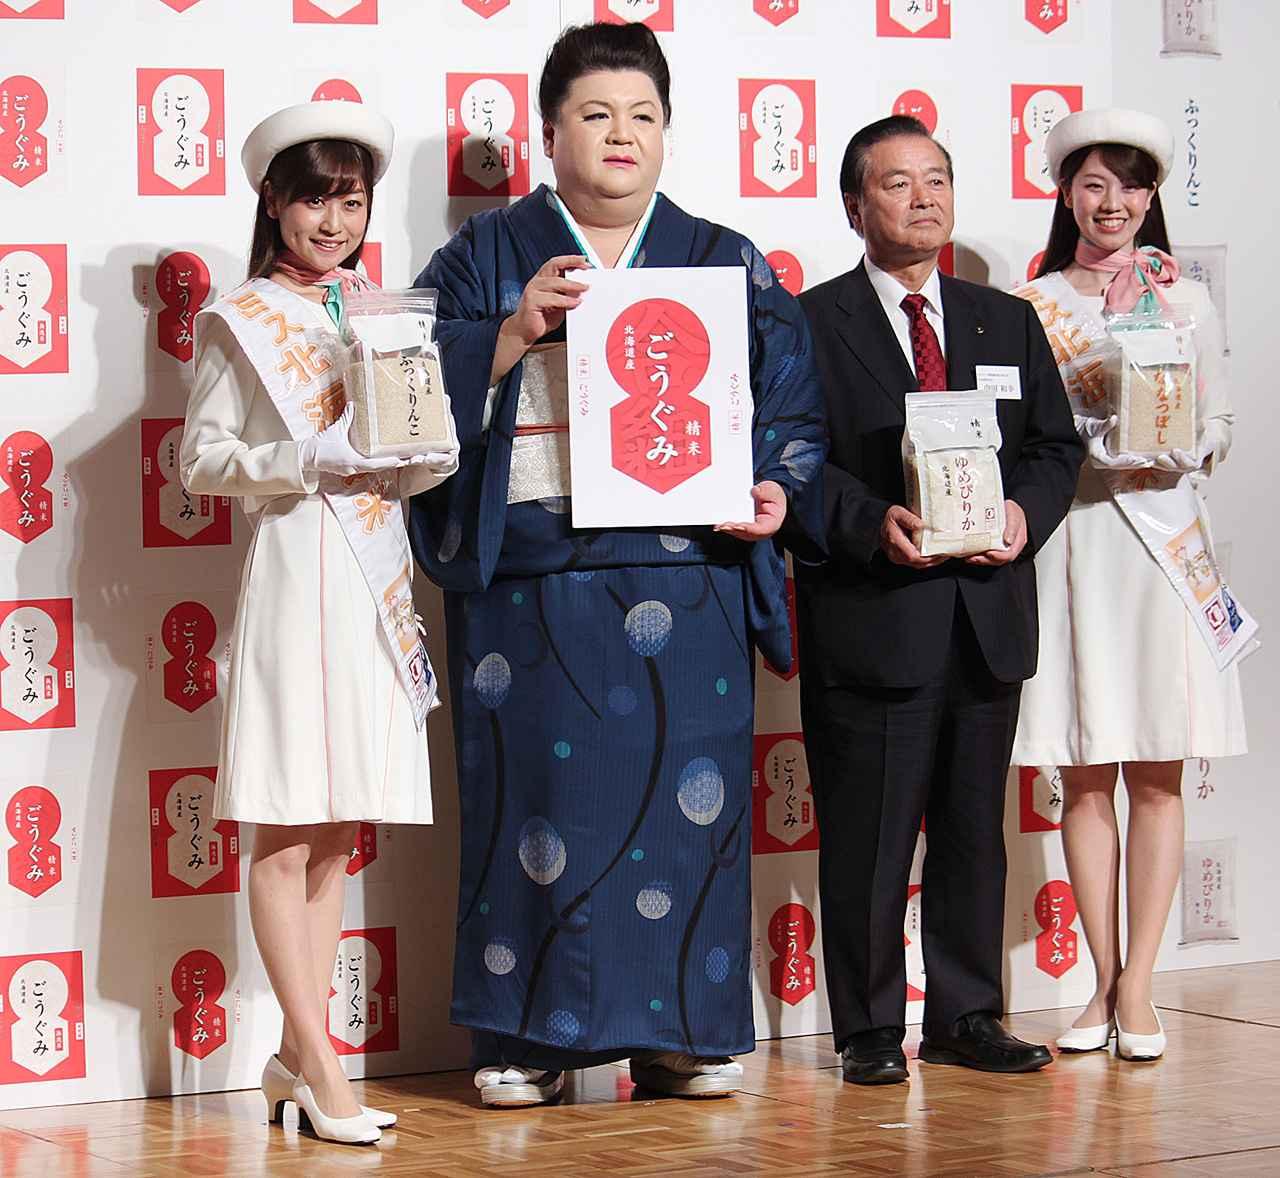 画像: ミス北海道米のお2人が持つのはブランド米「ふっくりんこ」と「ななつぼし」。ホクレン農業協同組合連合会代表理事会長・内田和幸氏が持つのはブランド米「ゆめぴりか」。